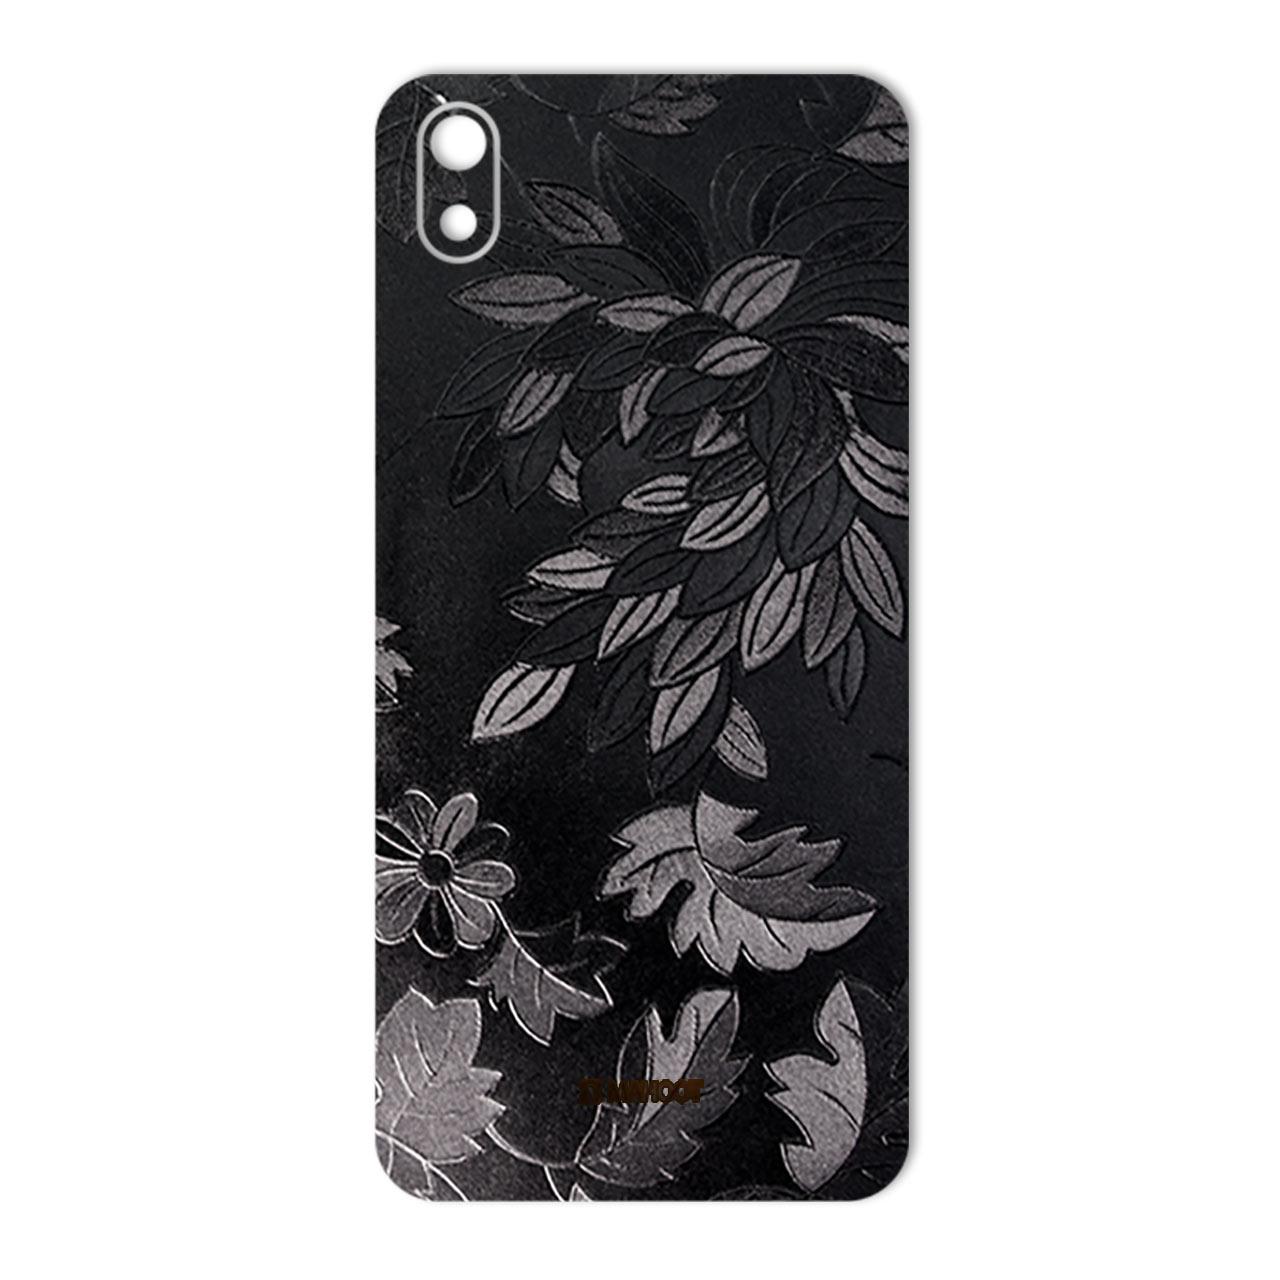 برچسب پوششی ماهوت مدل Wild-Flower مناسب برای گوشی موبایل شیائومی Redmi 7A